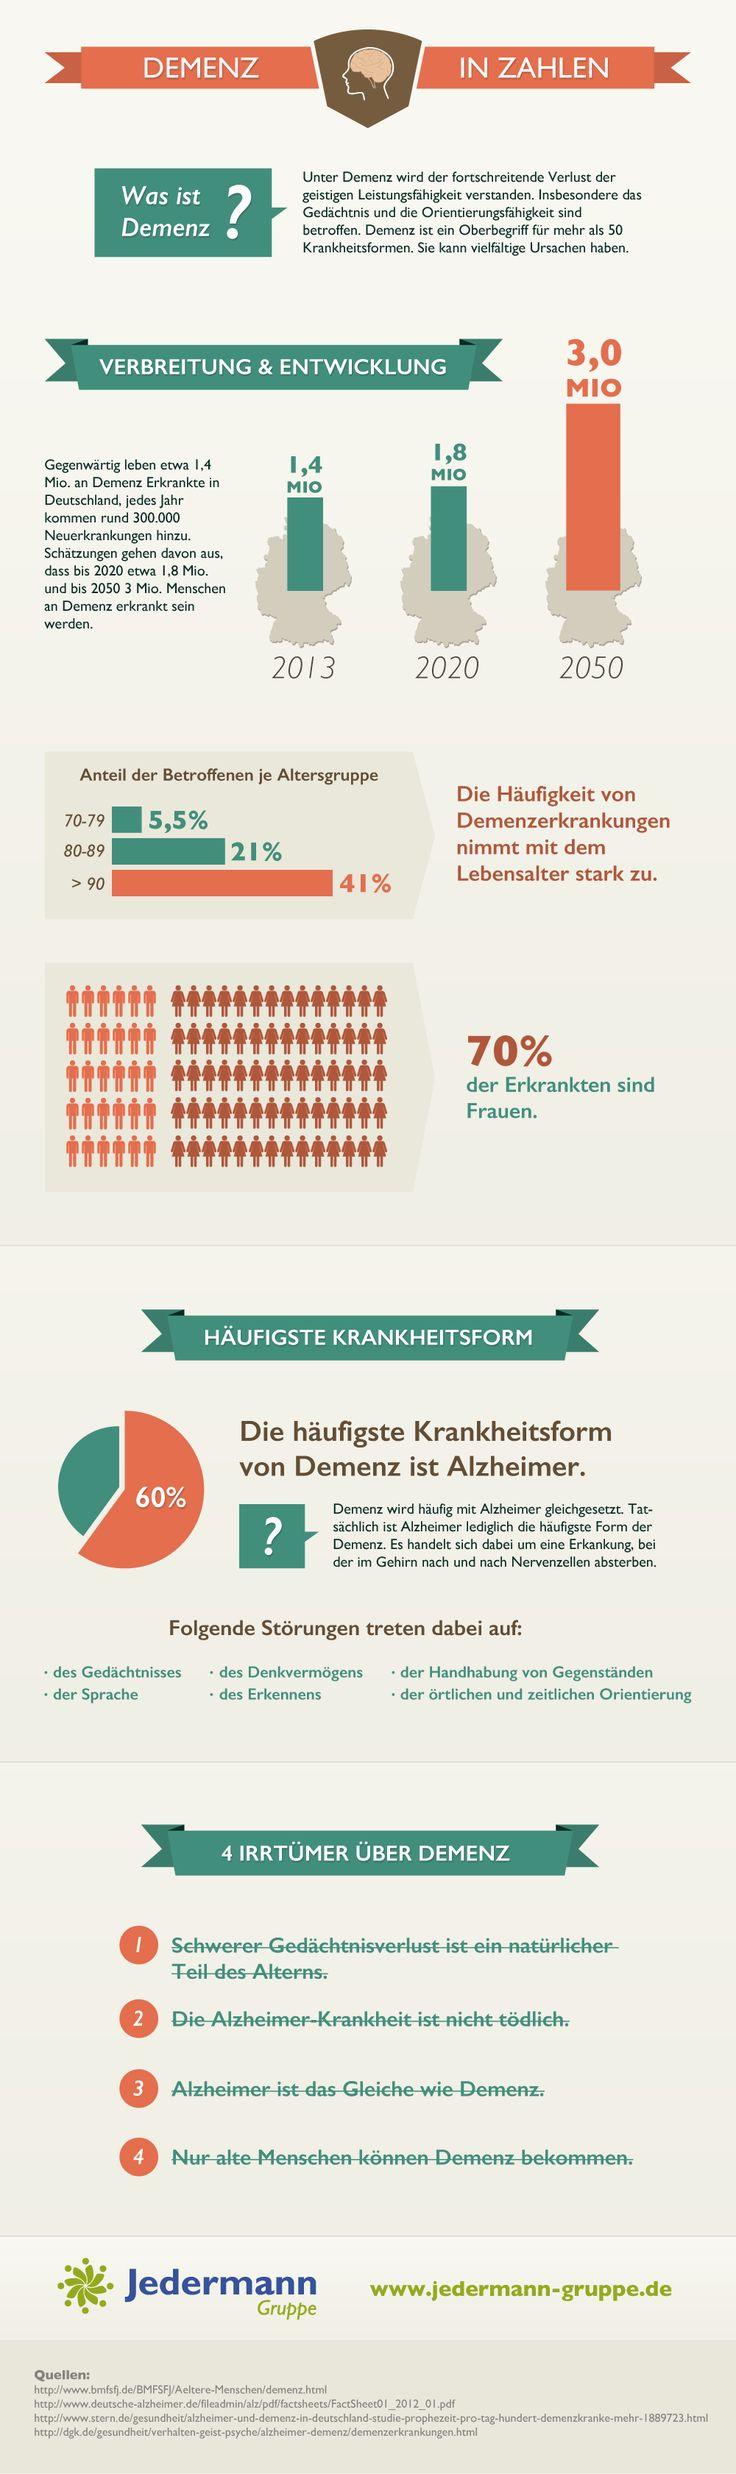 Tolle Infografik zum Thema Demenz. Schöne Zusammenfassung aller wichtigen Zahlen & Fakten.